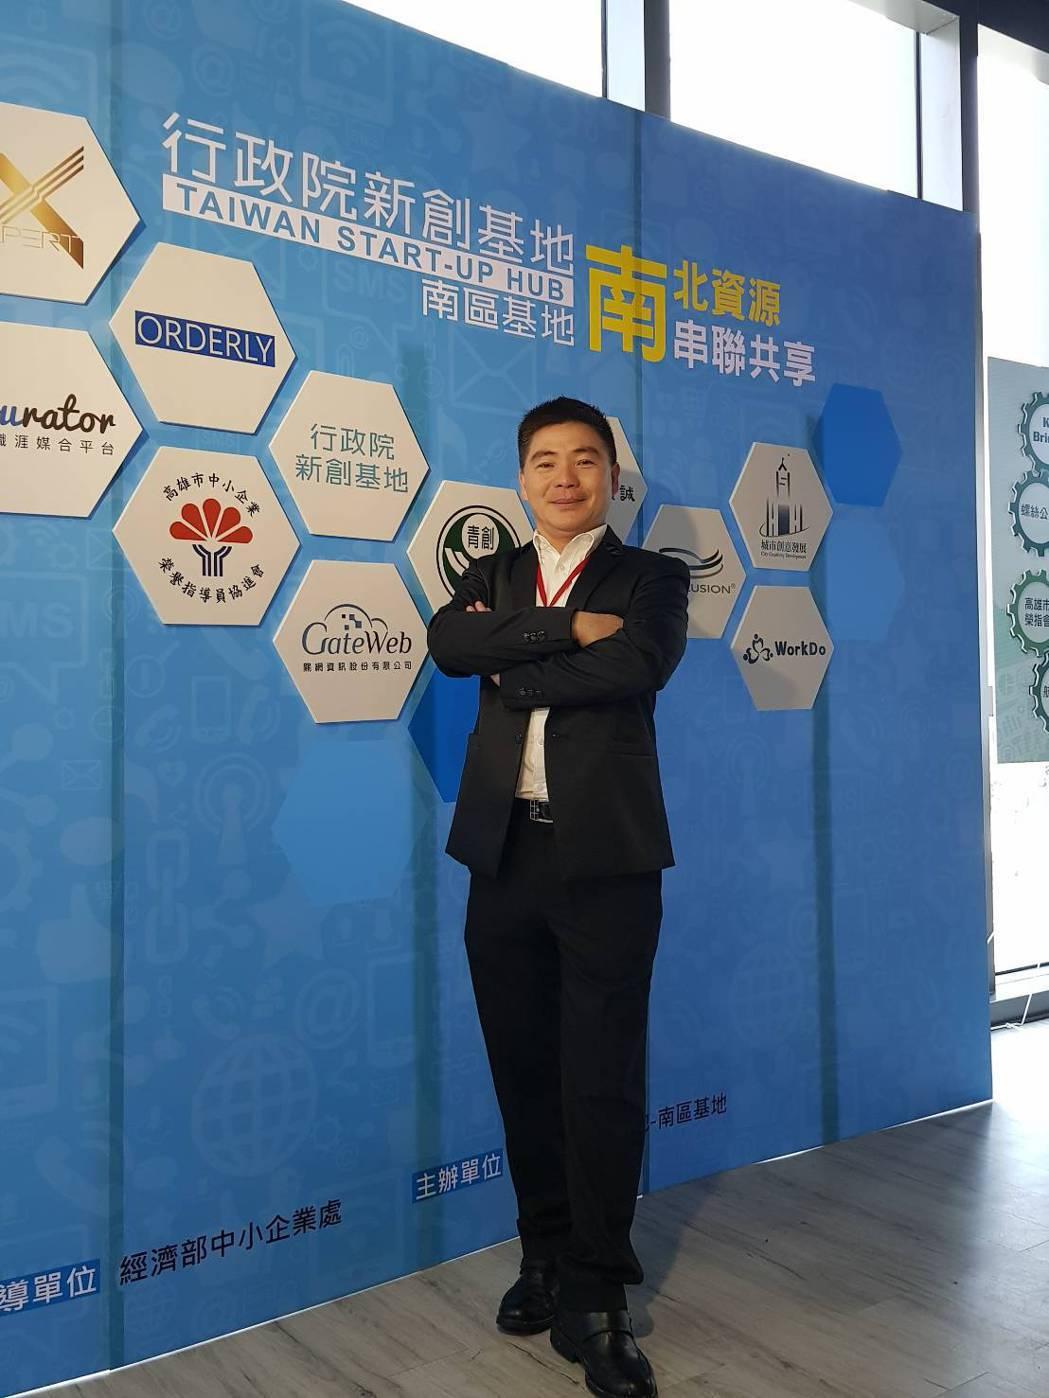 旺旺電子商務公司總經理姜世軒。